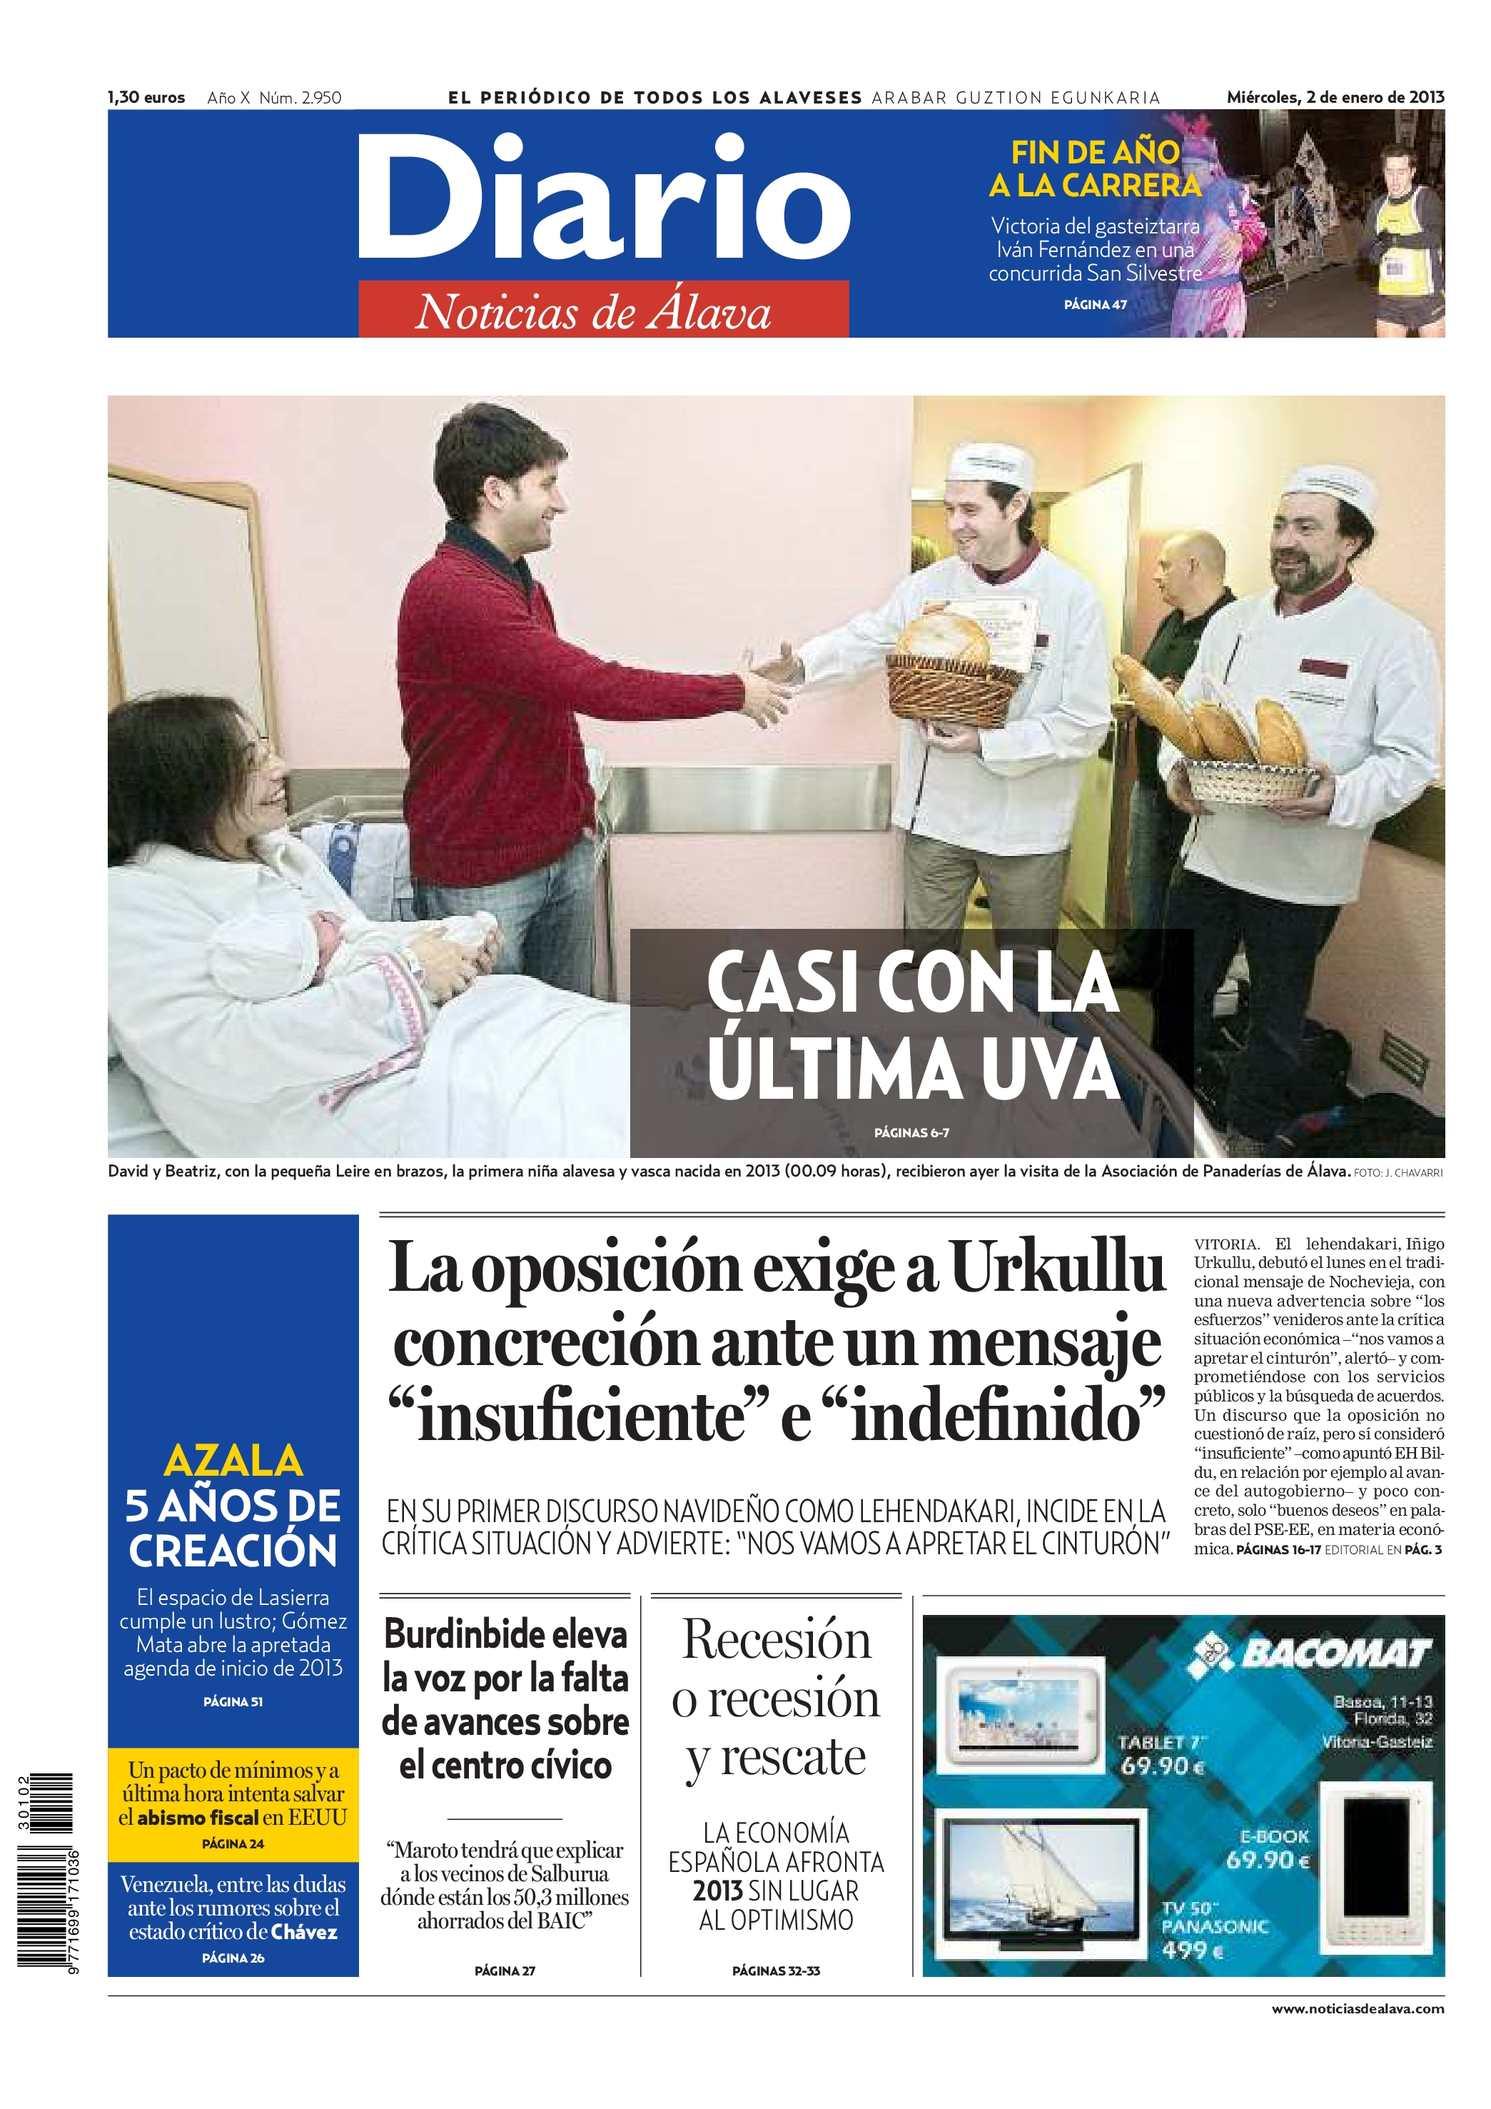 Calaméo - Diario de Noticias de Álava 20130102 ef2241d114d66